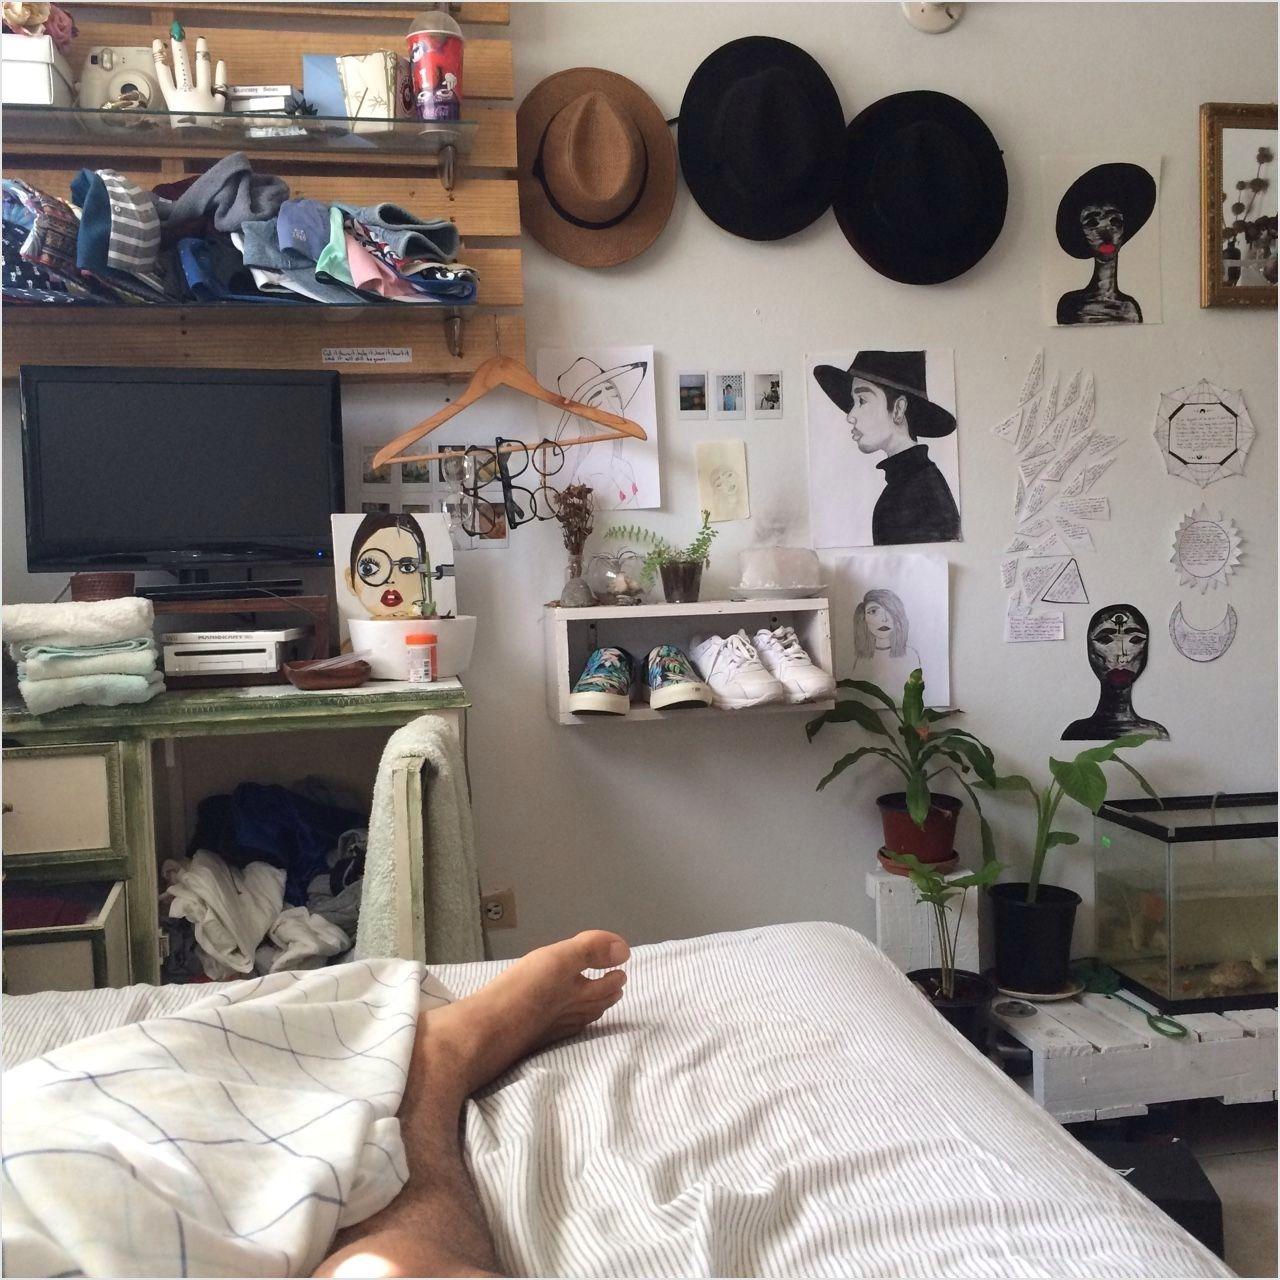 Old Fashioned Vintage Aesthetic Bedroom Decor Homyracks